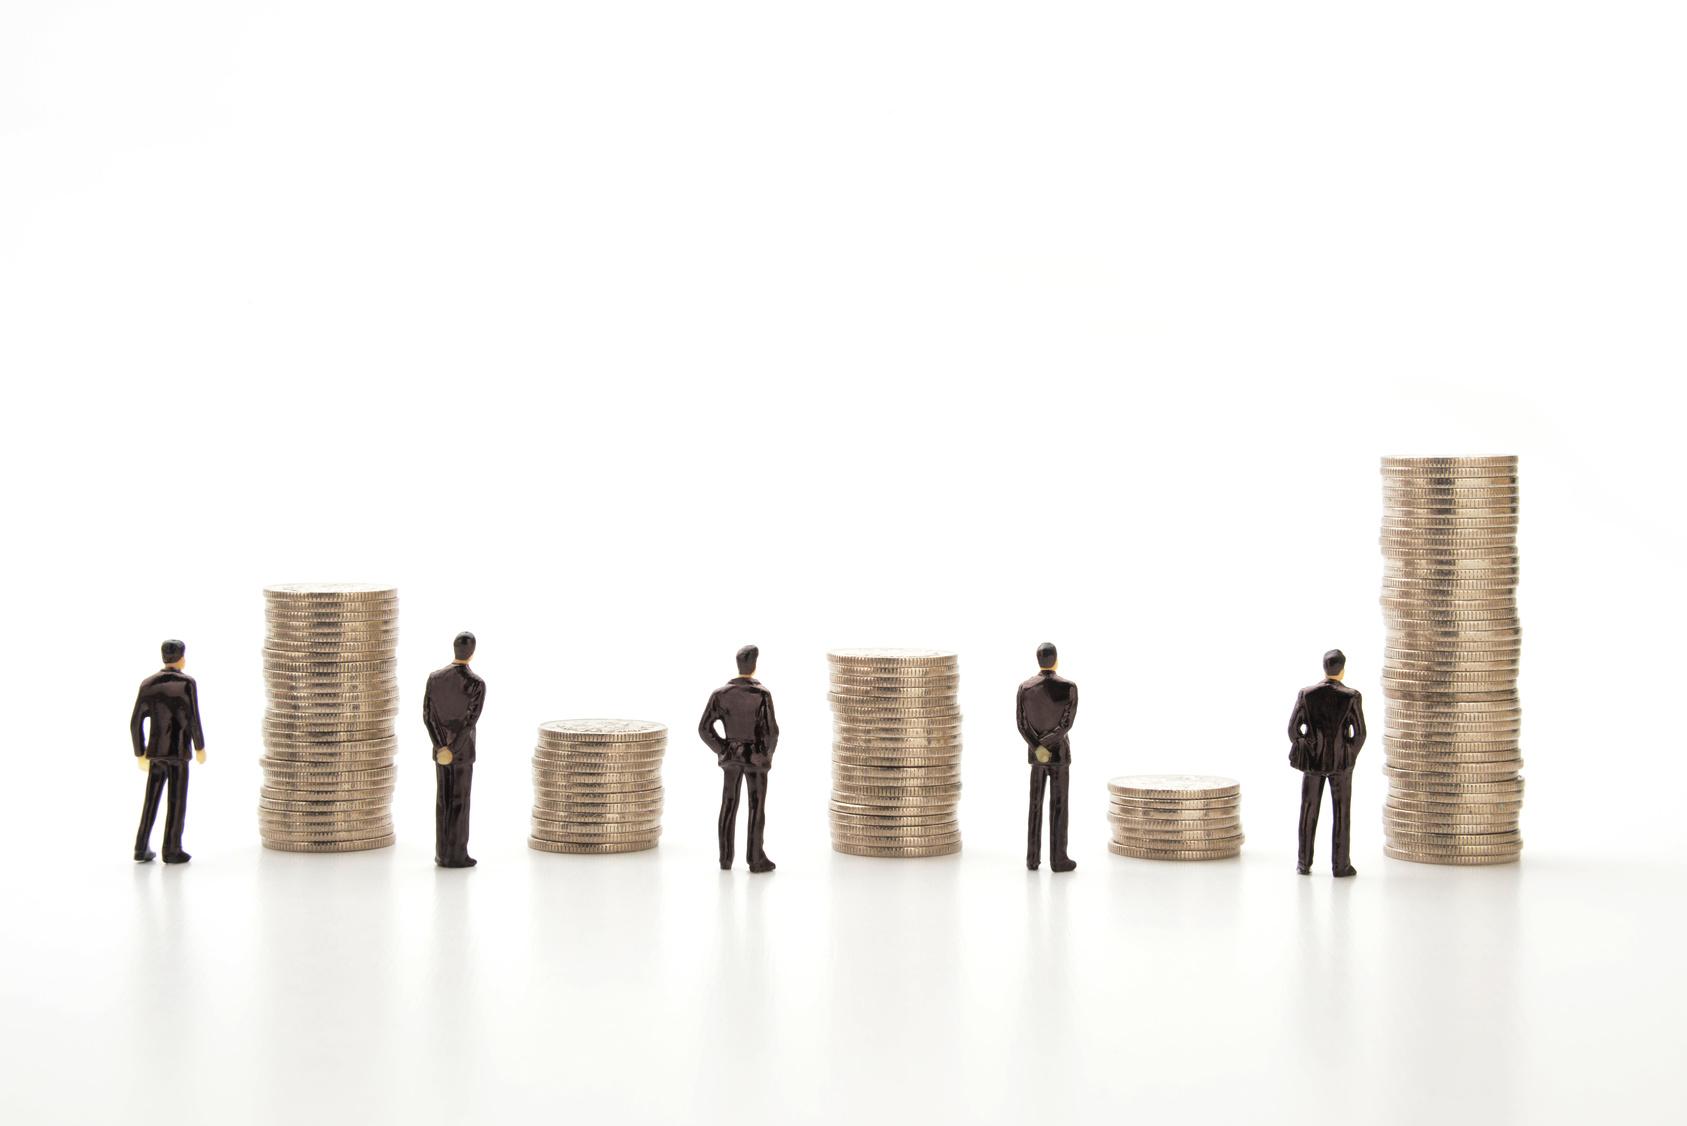 確定 満期 生命 申告 保険 満期保険金の税金|受け取り方で変わる税金の仕組み